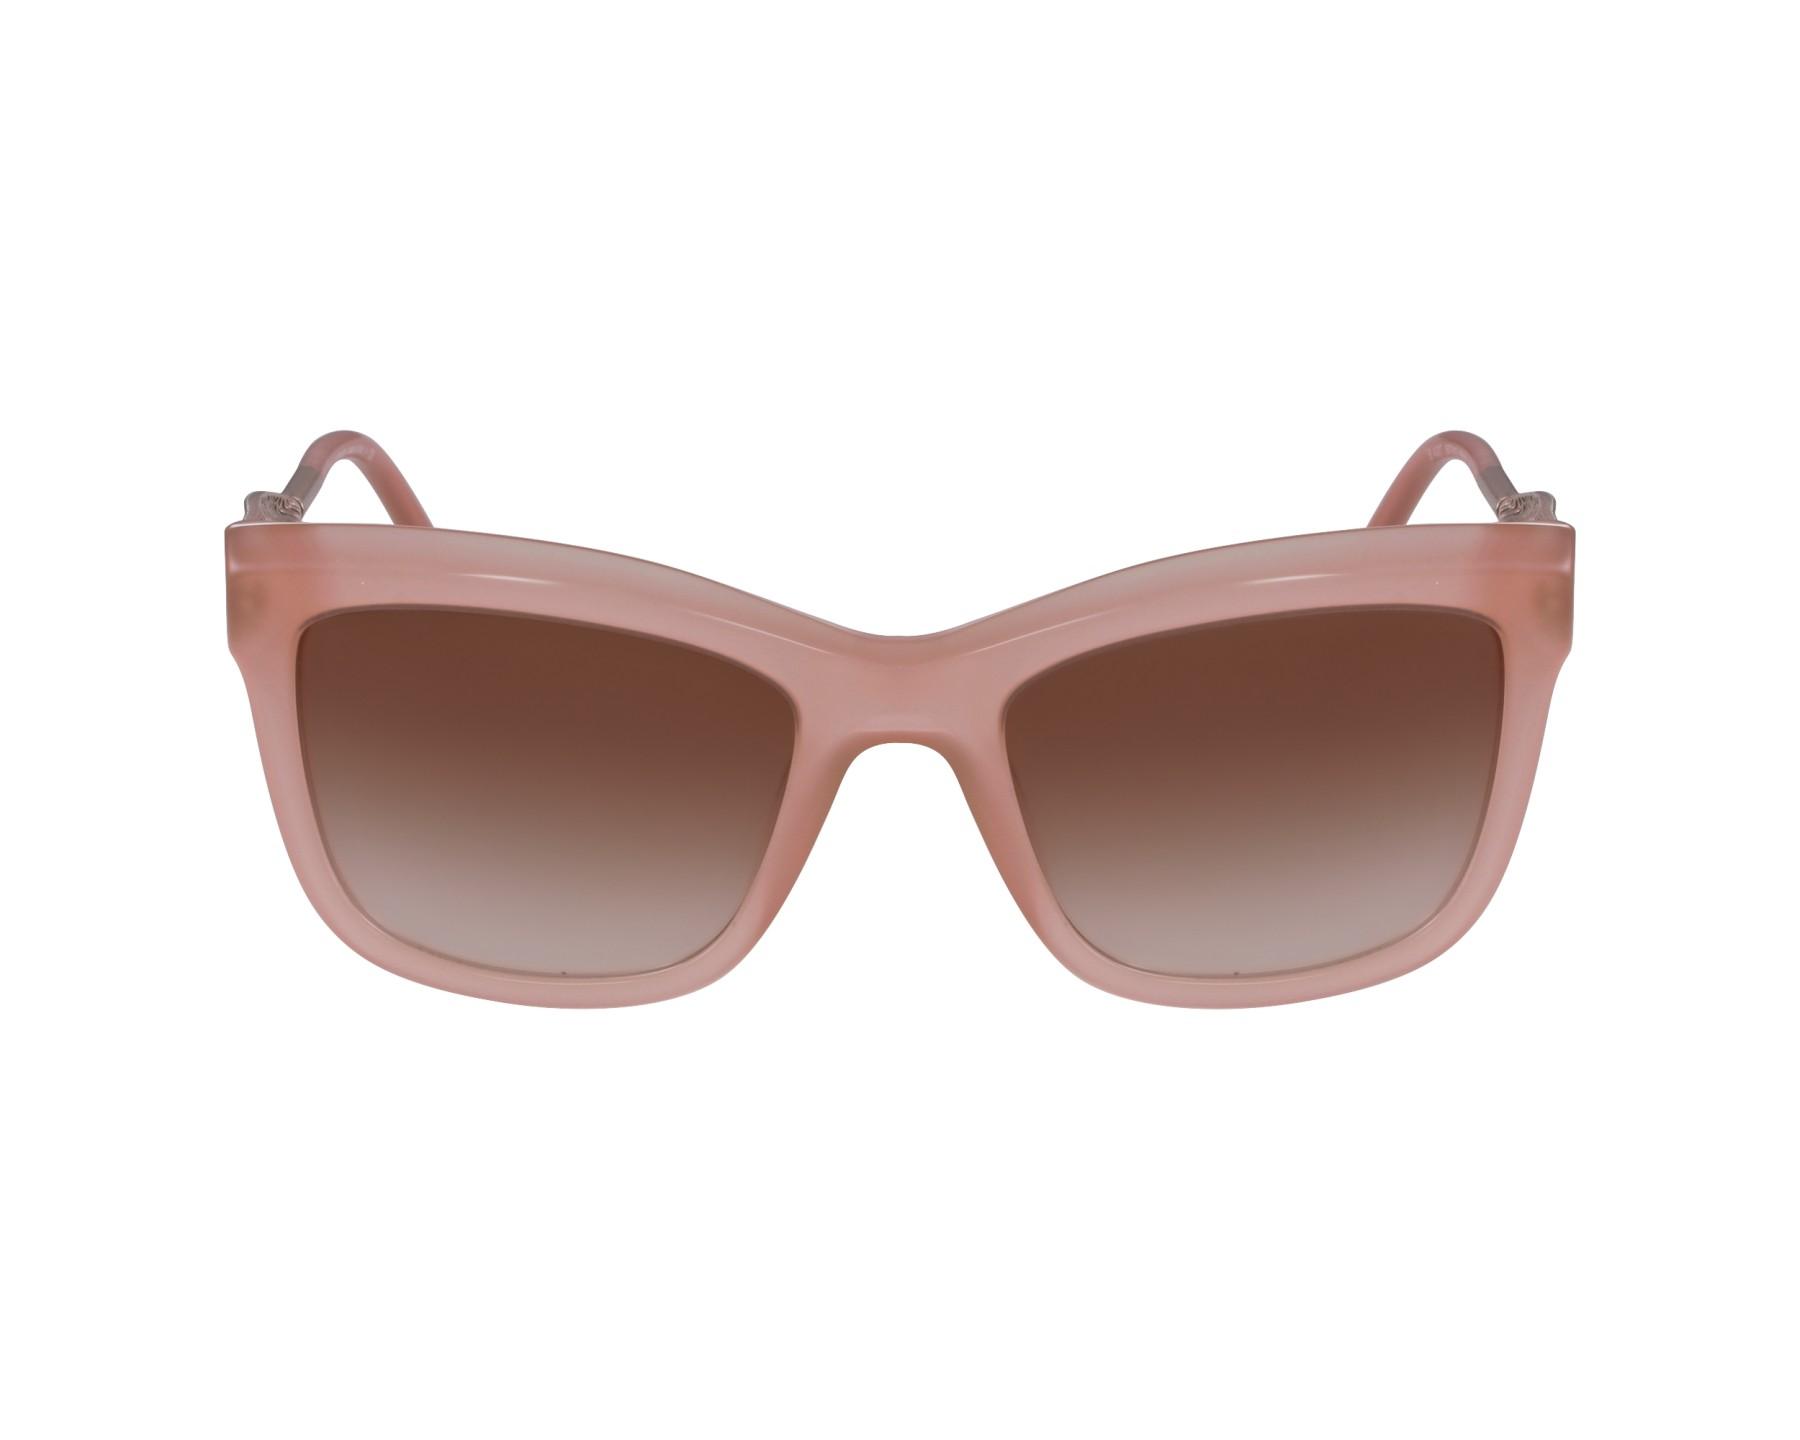 Lunettes de soleil burberry be 4207 3573 13 rose avec des verres marron - Verre lunette raye assurance ...